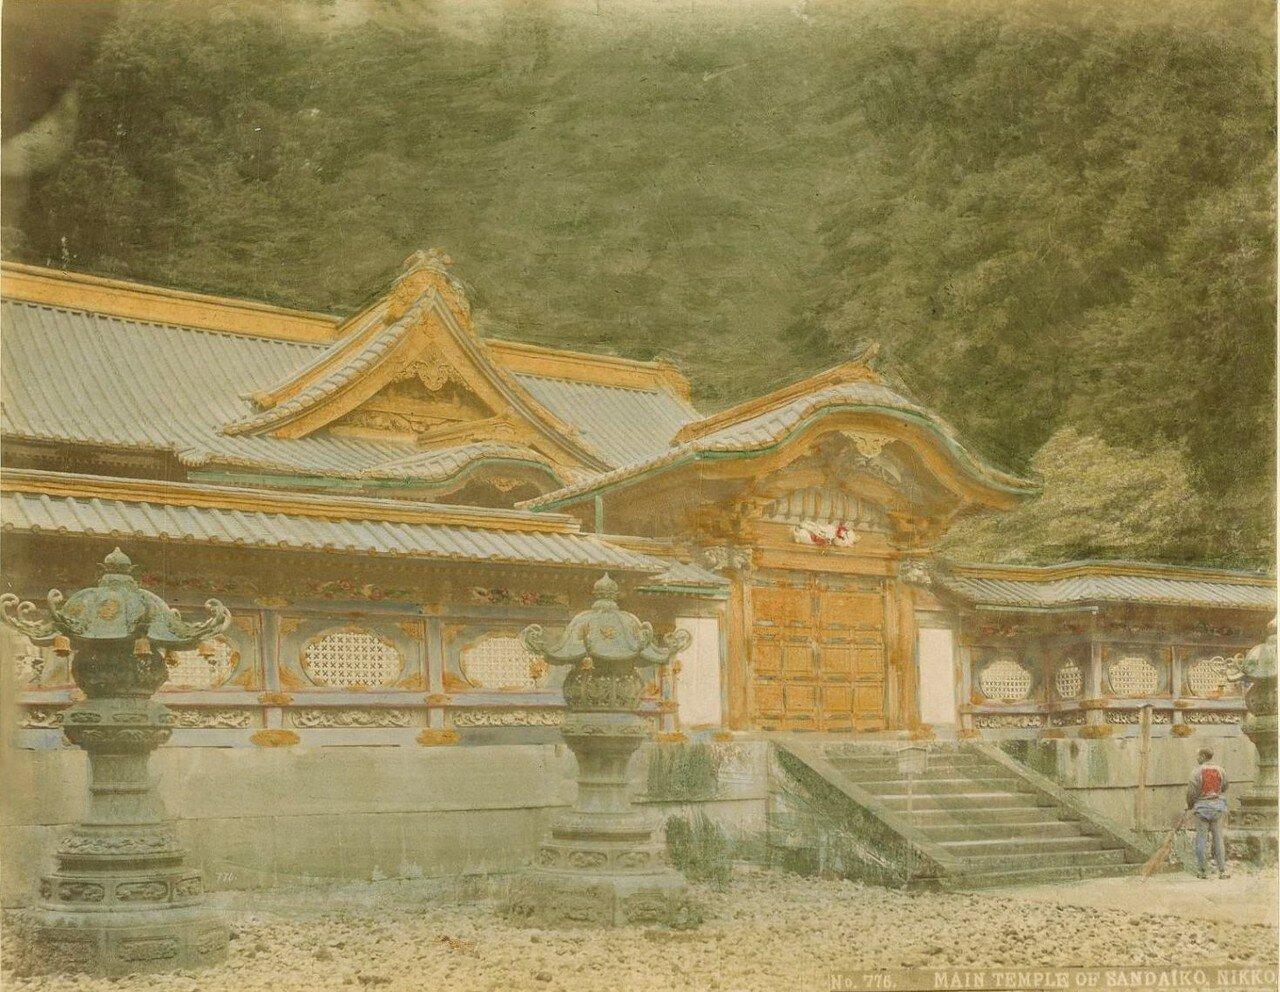 Никко. Главный храм Сандайко